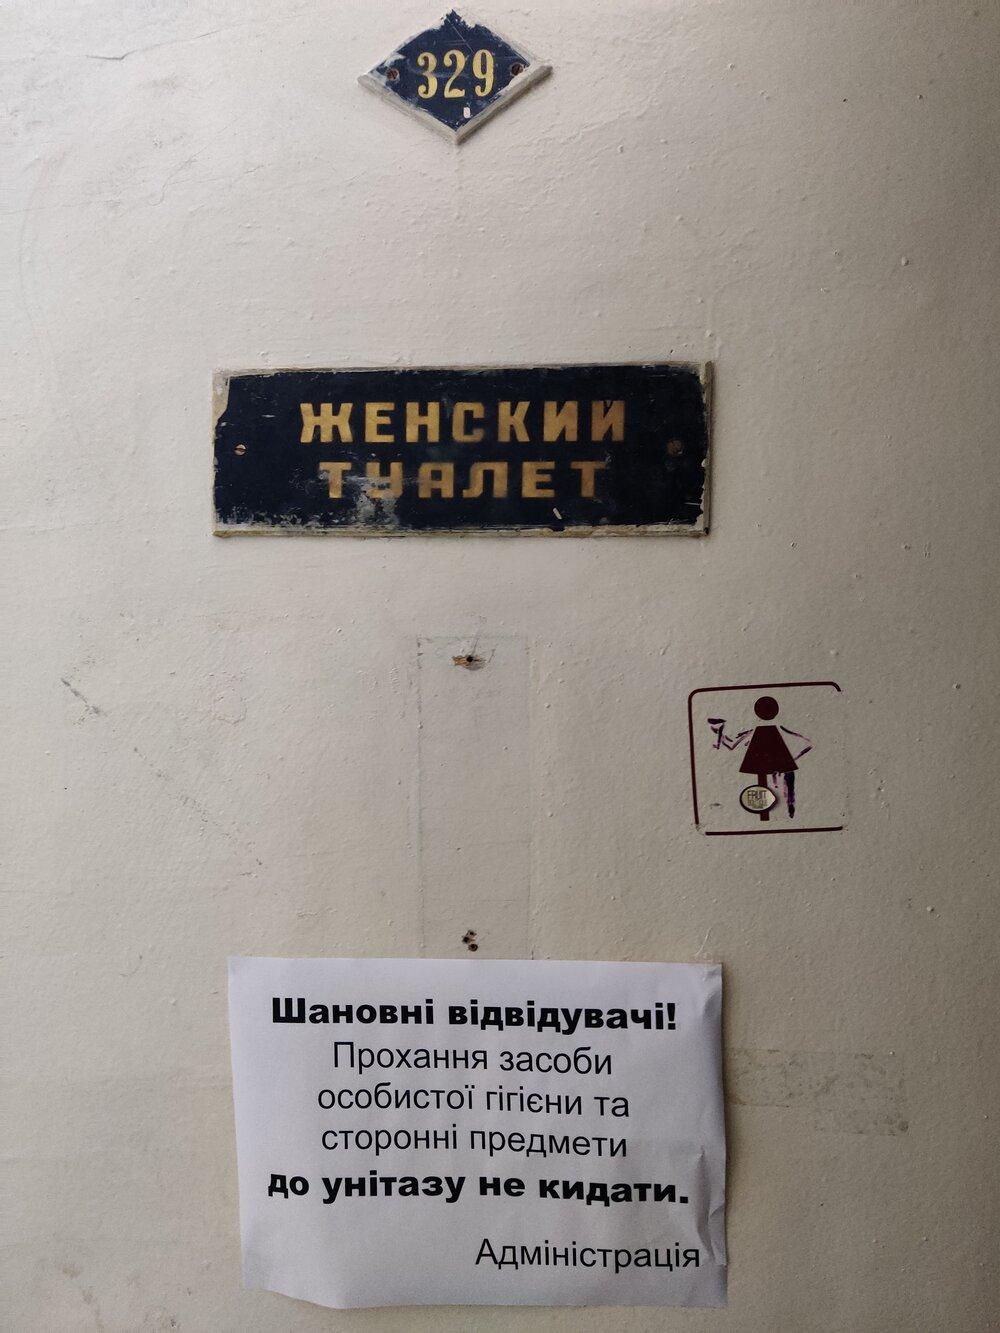 Фото: Андрій Мирошниченко